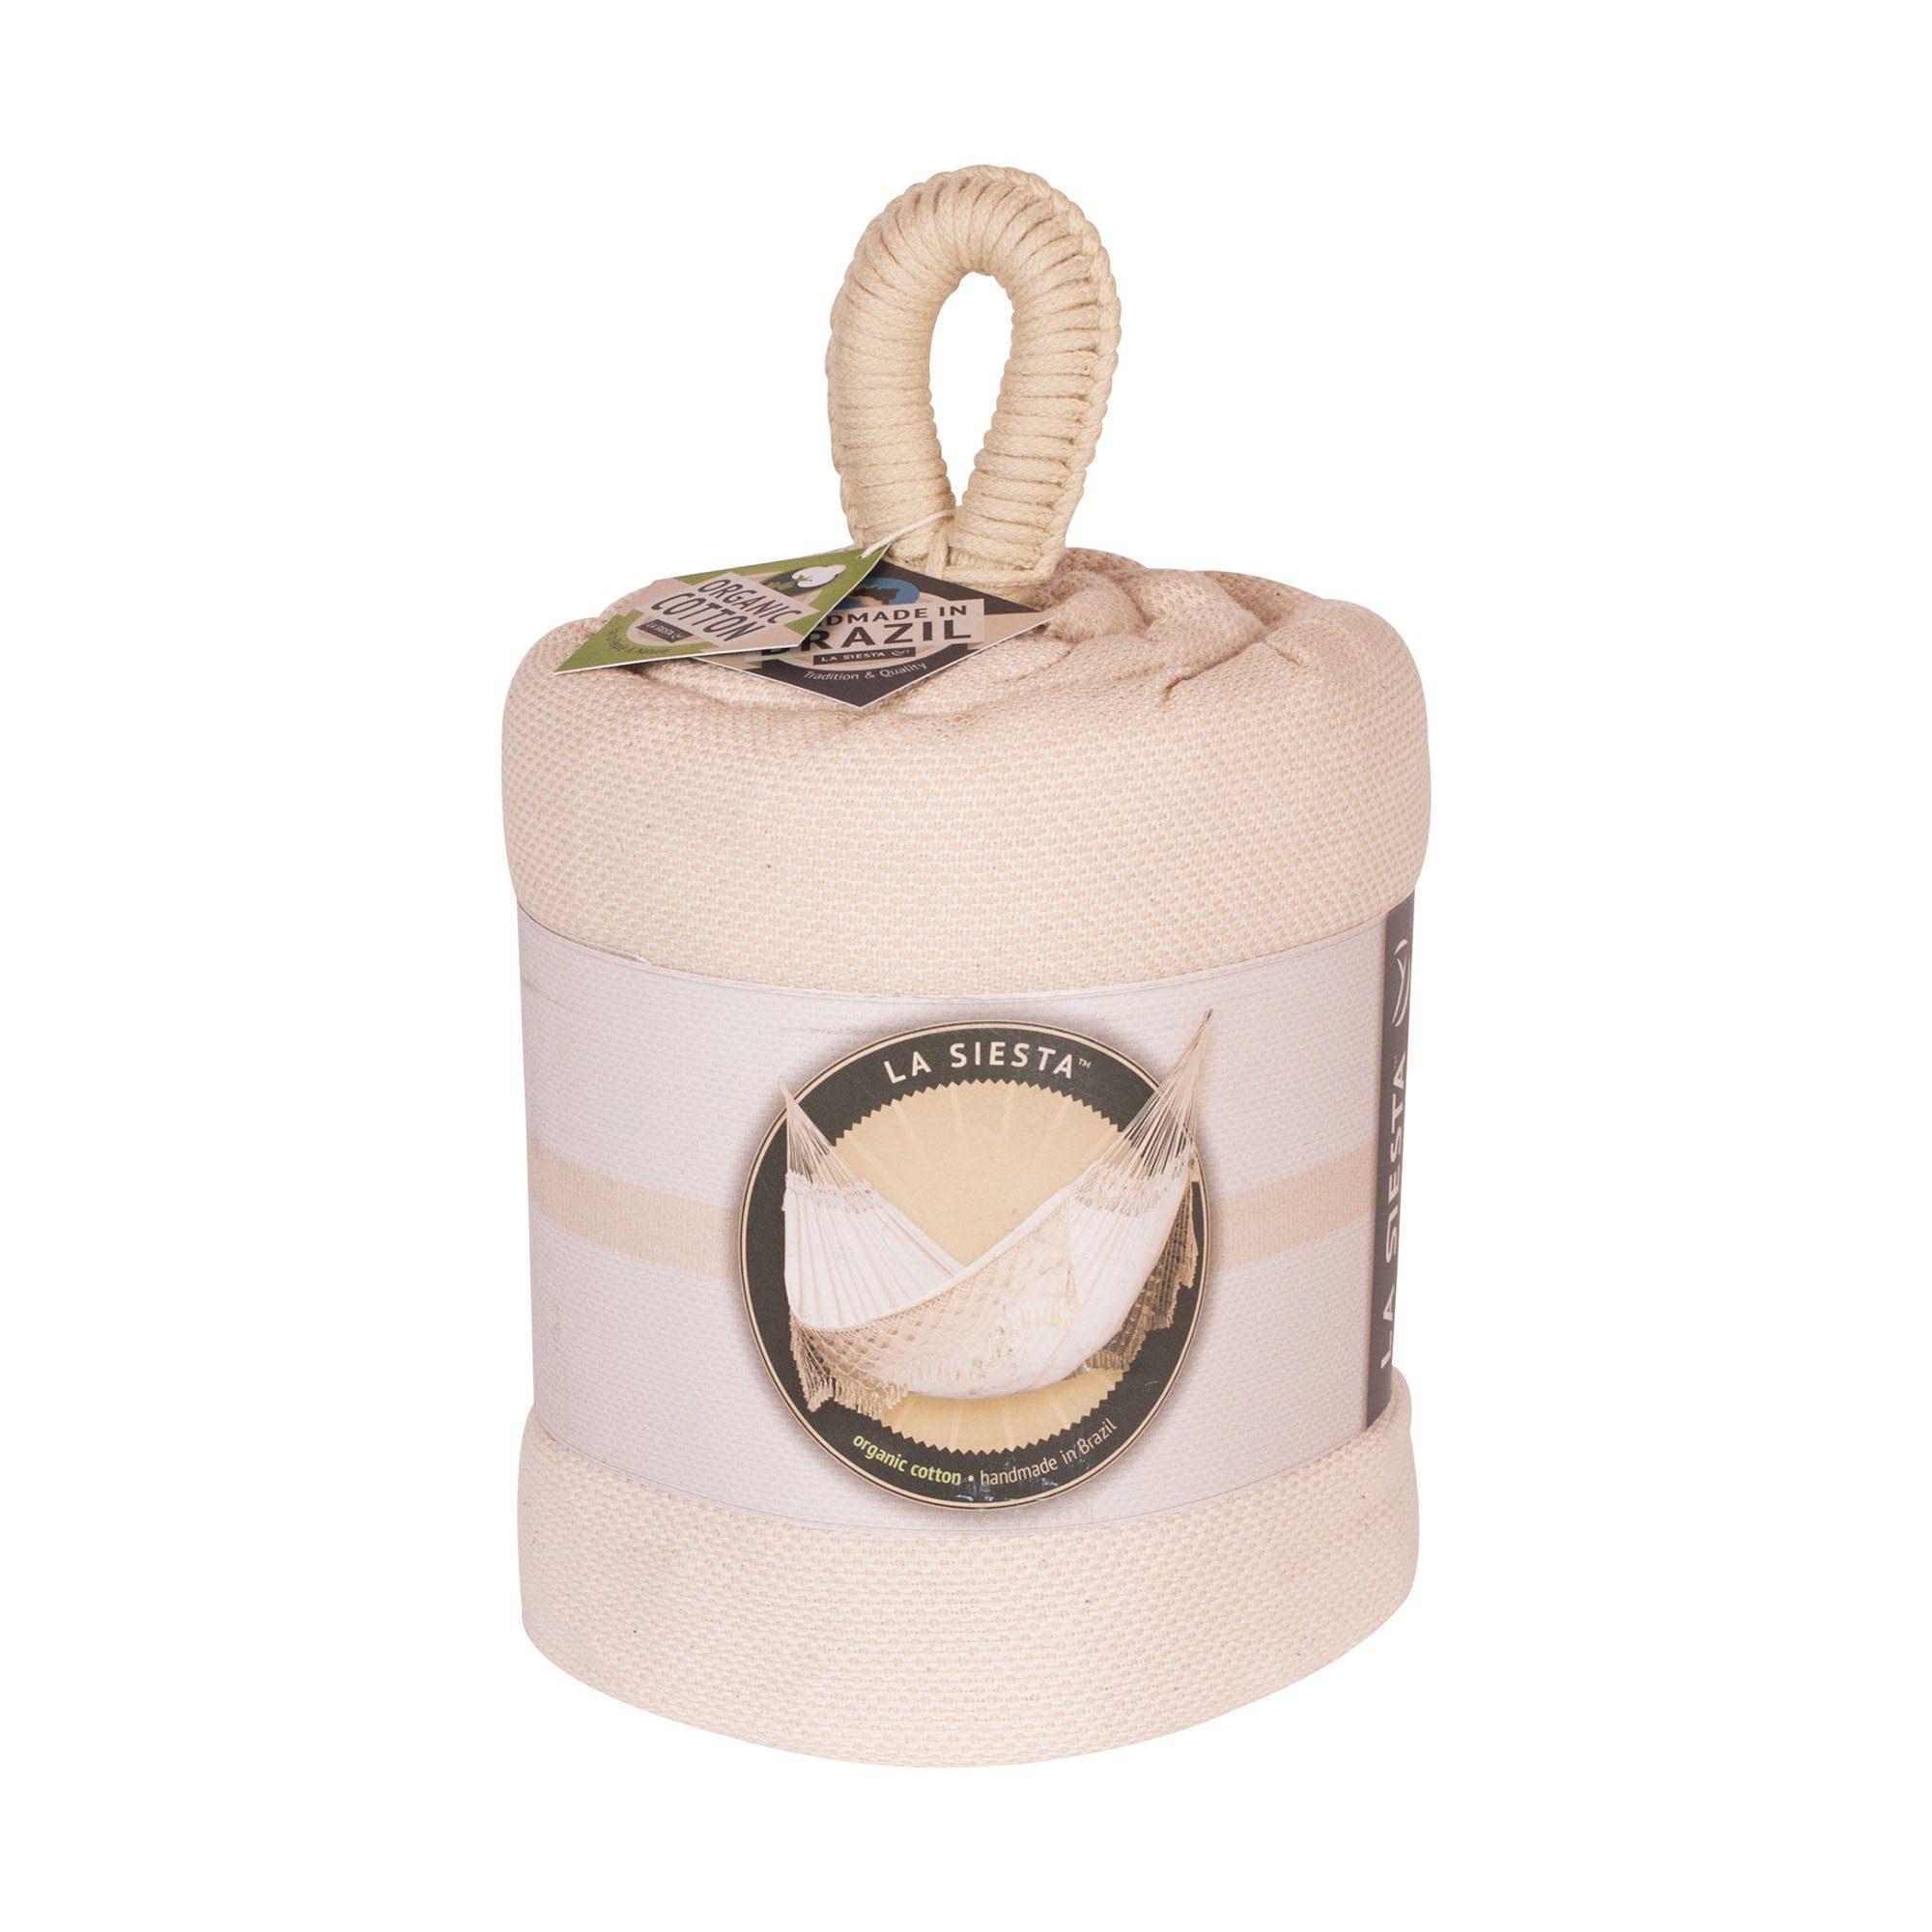 Produktbild på Bossanova Champagne dubbel hängmatta från La Siesta.